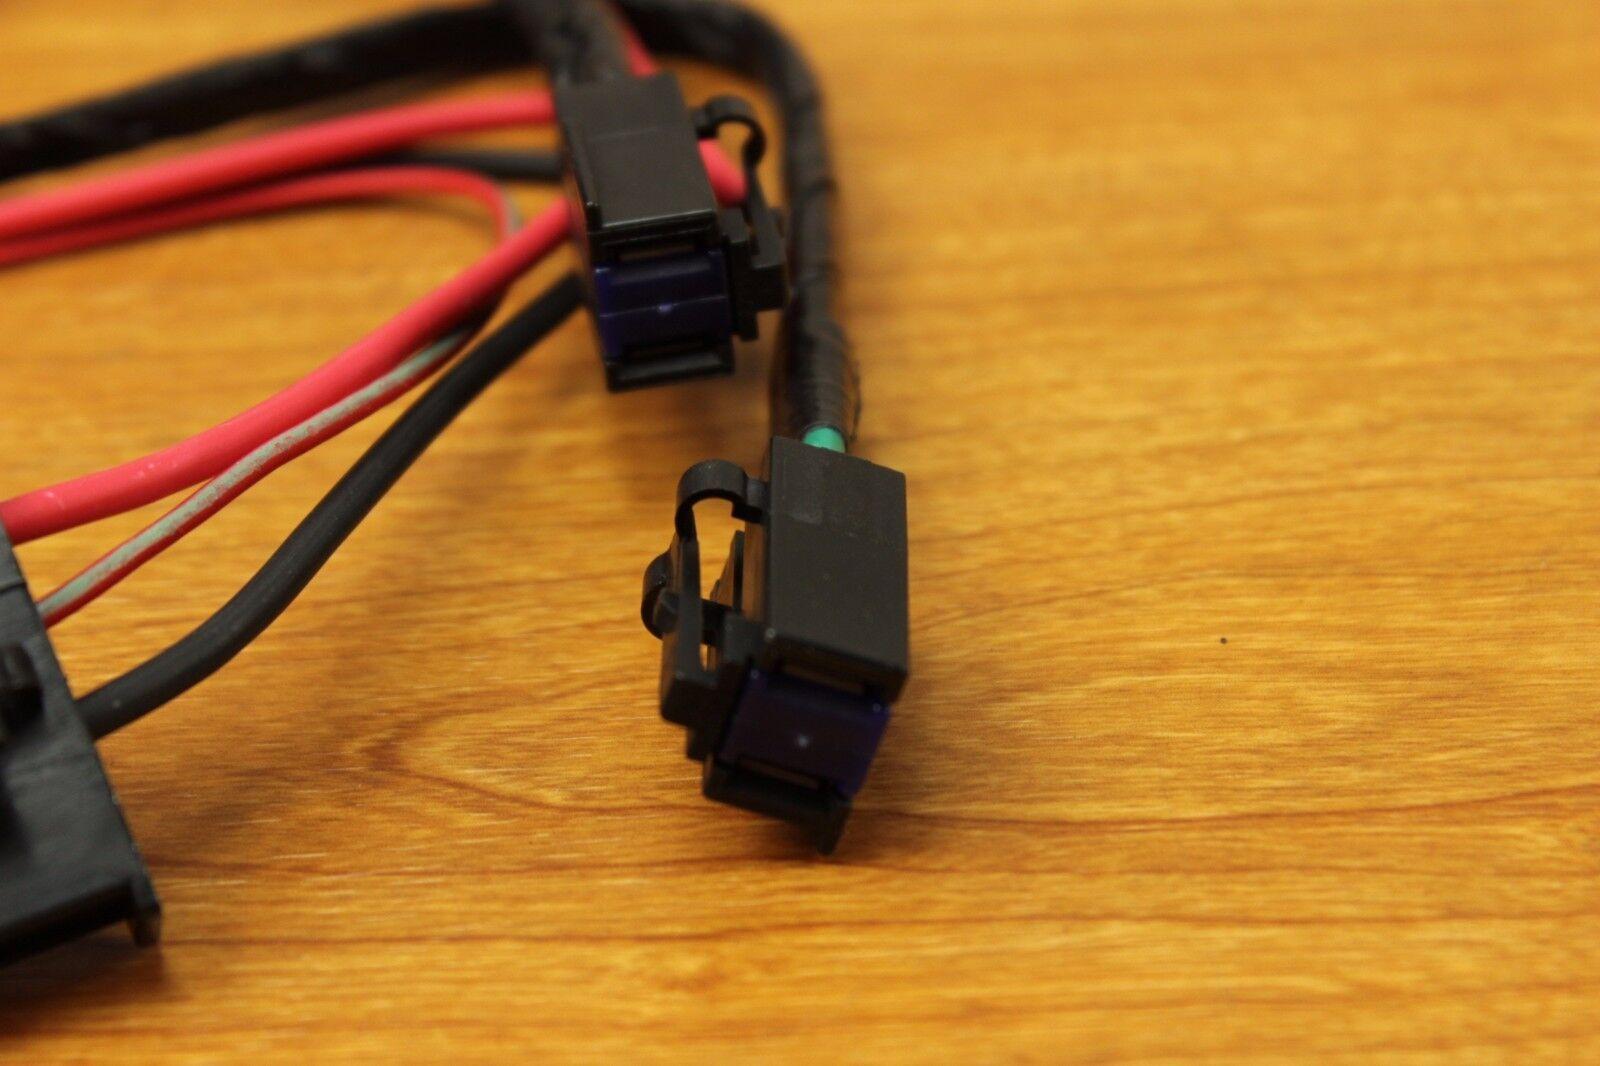 1999 2004 jeep grand cherokee wj blower motor resistor & wiring kit 1979  jeep cherokee wiring